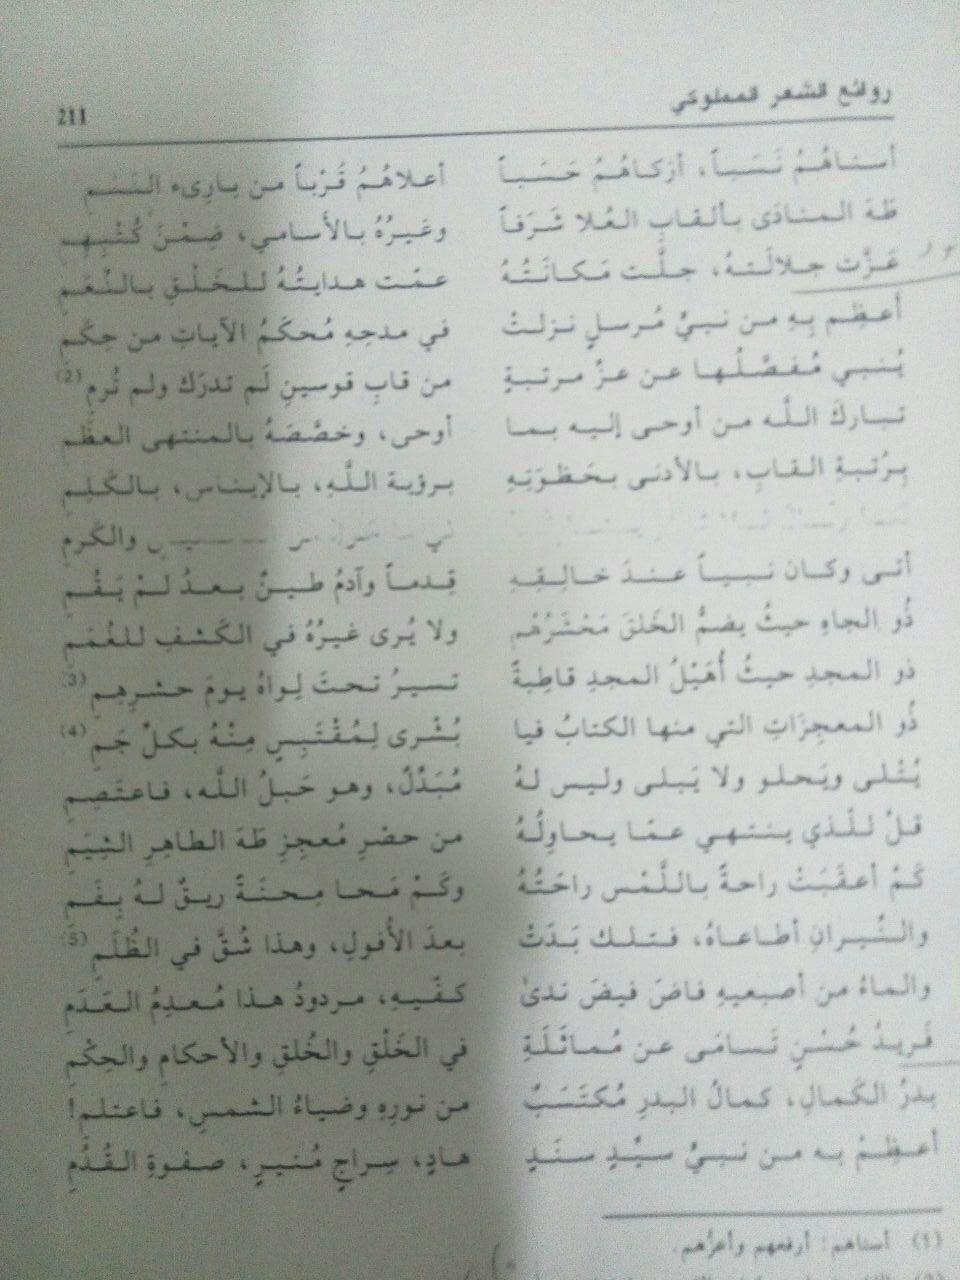 نمونه ترجمه عربی به فارسی شعر